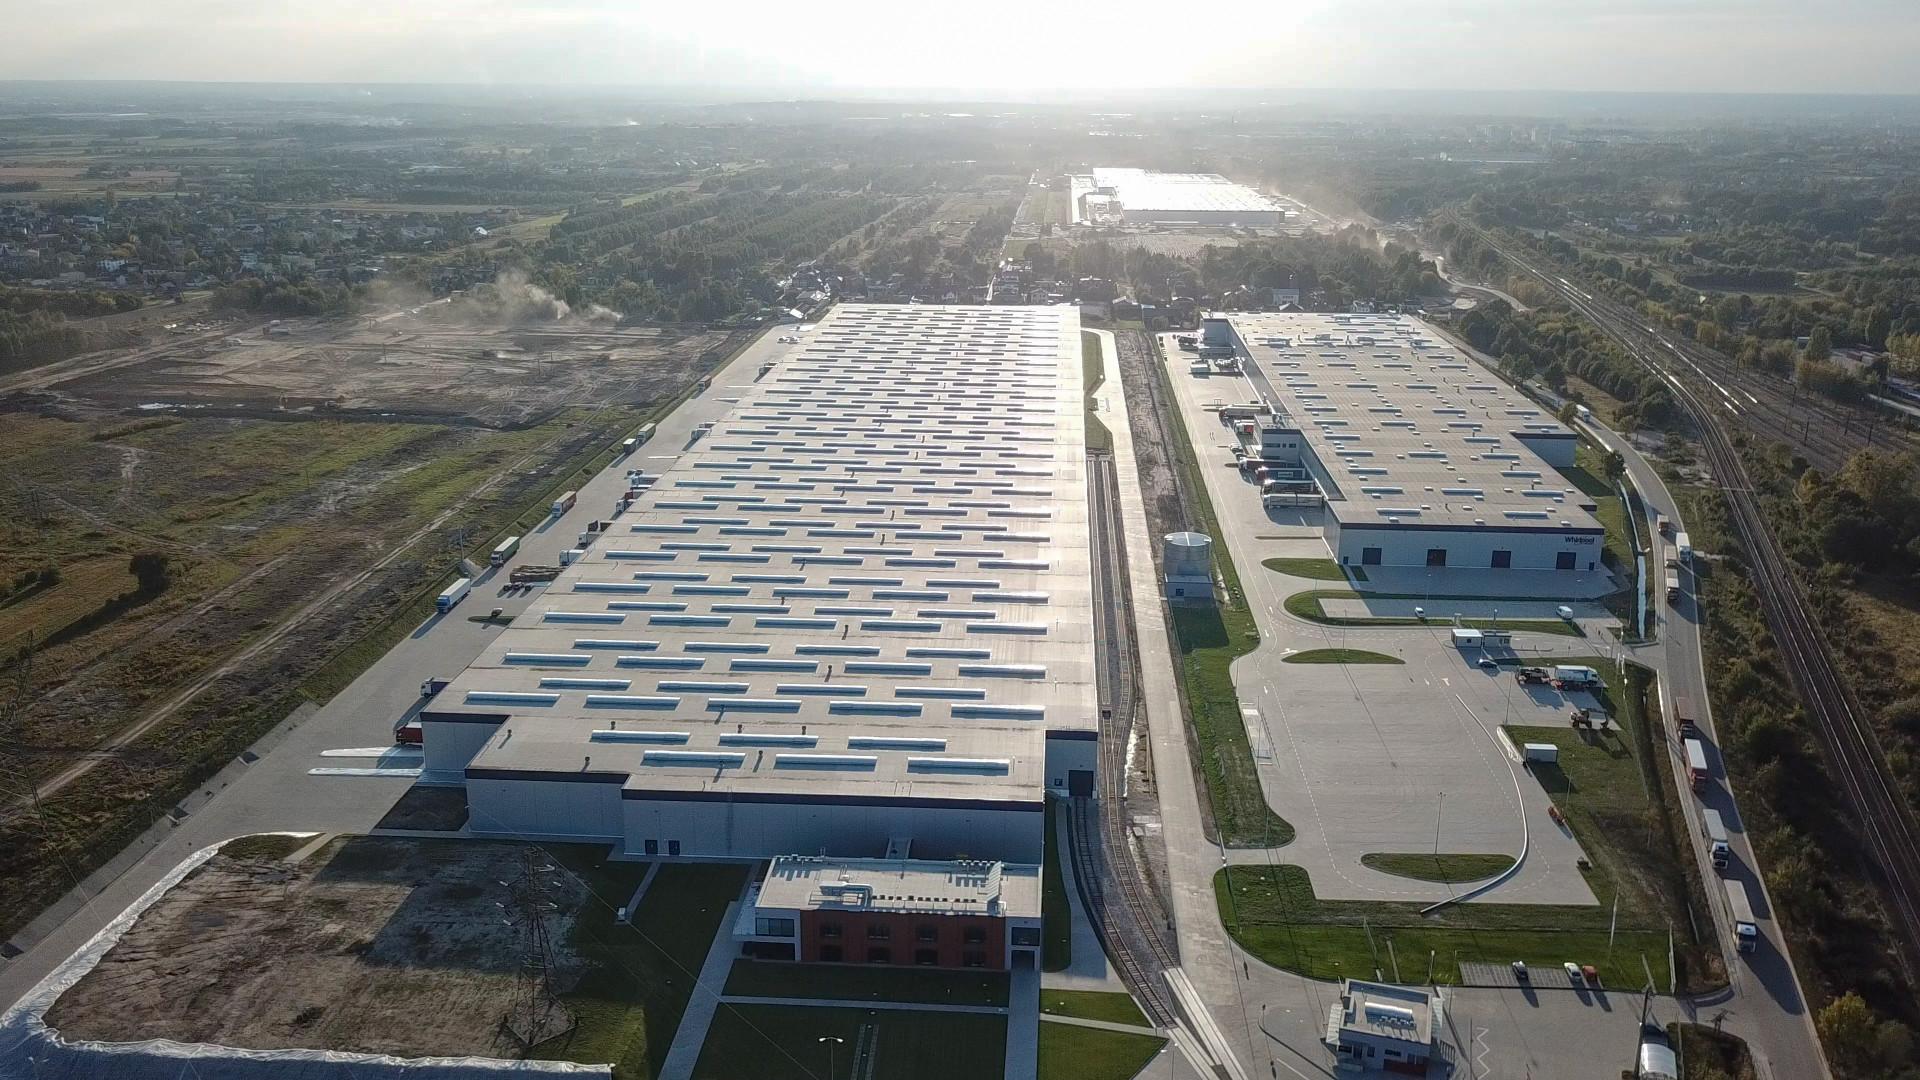 W 2018 roku Bosch zainwestował w Polsce ponad 660 mln złotych (156 mln euro). Na zdjęciu: centrum logistyczne firmy BSH w Łodzi. Fot. Bosch